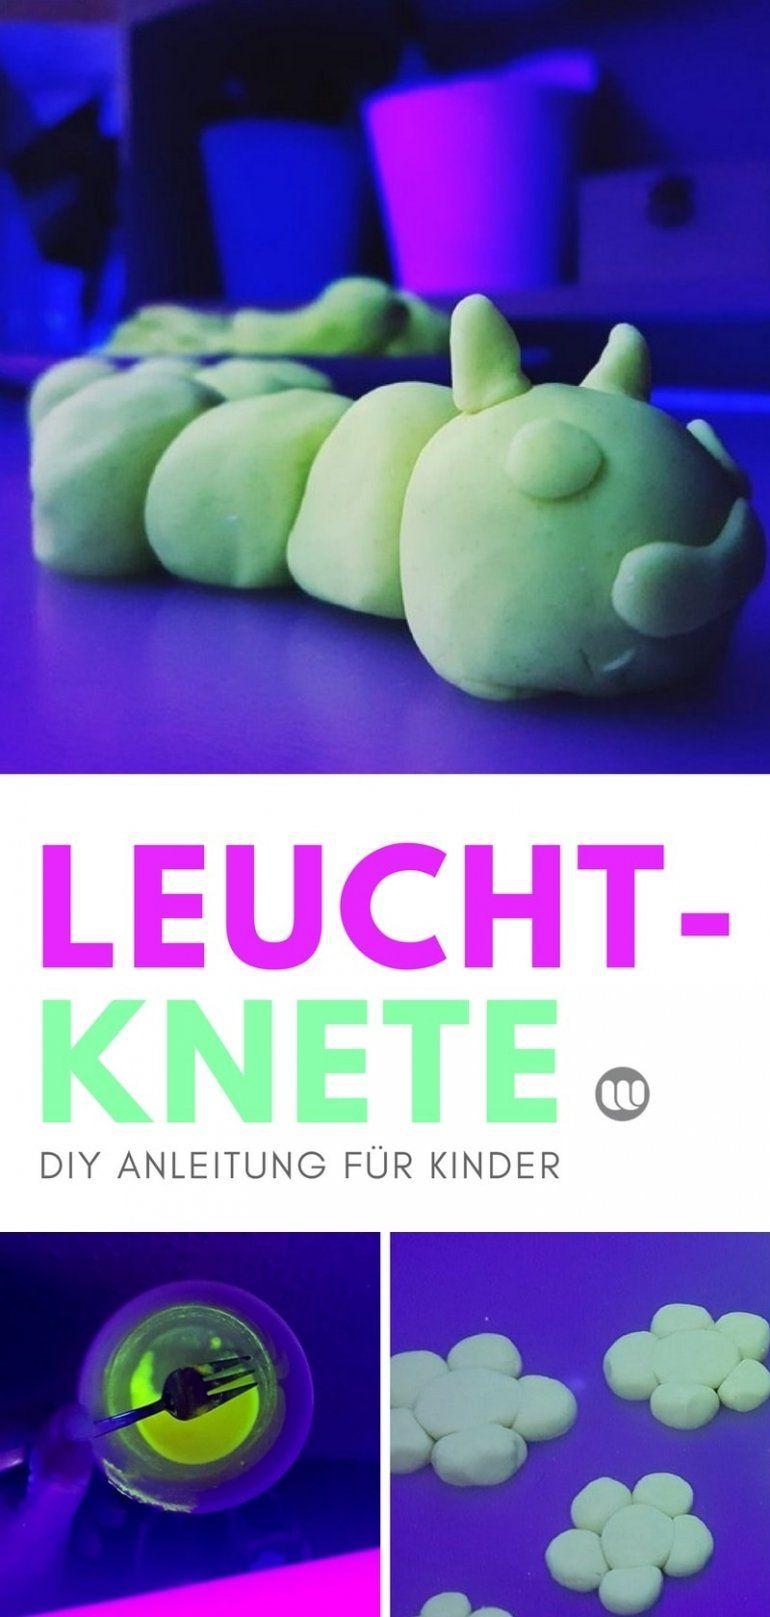 Leuchtende Knete Selber Machen Kinder Leuchtknete Diy Anleitung